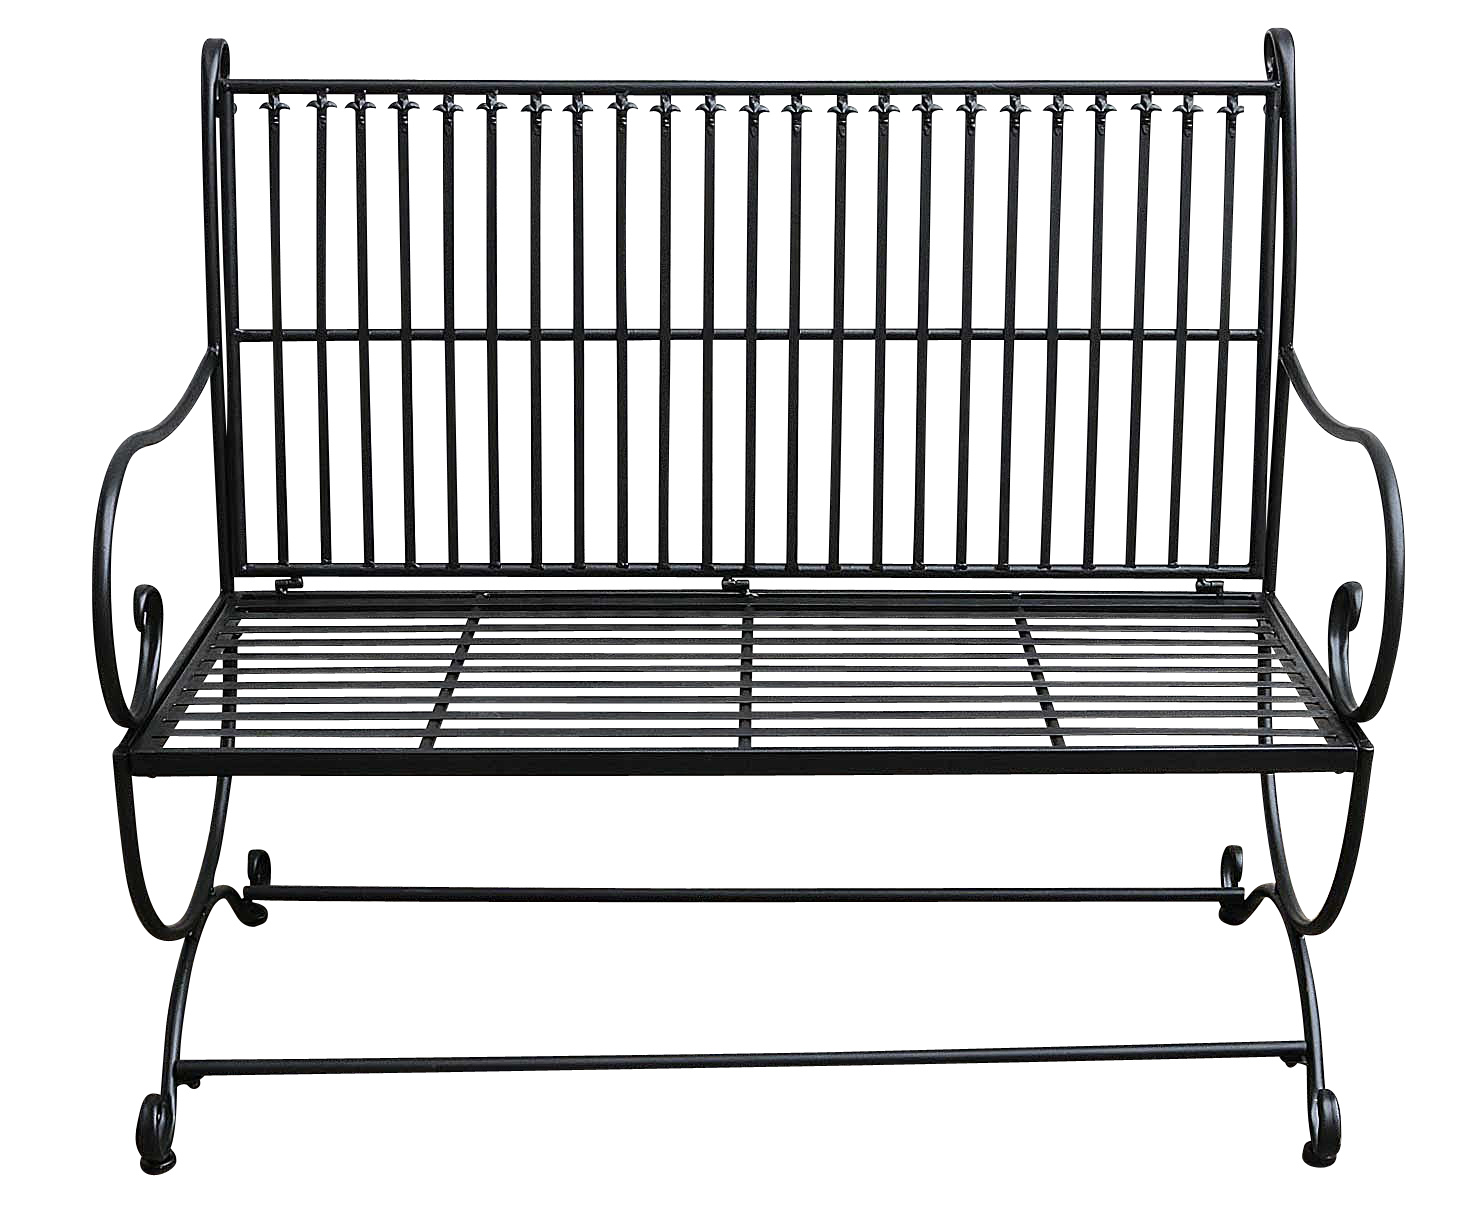 gartenbank nur dekoration nicht zum sitzen geeignet bank antik stil garten ebay. Black Bedroom Furniture Sets. Home Design Ideas